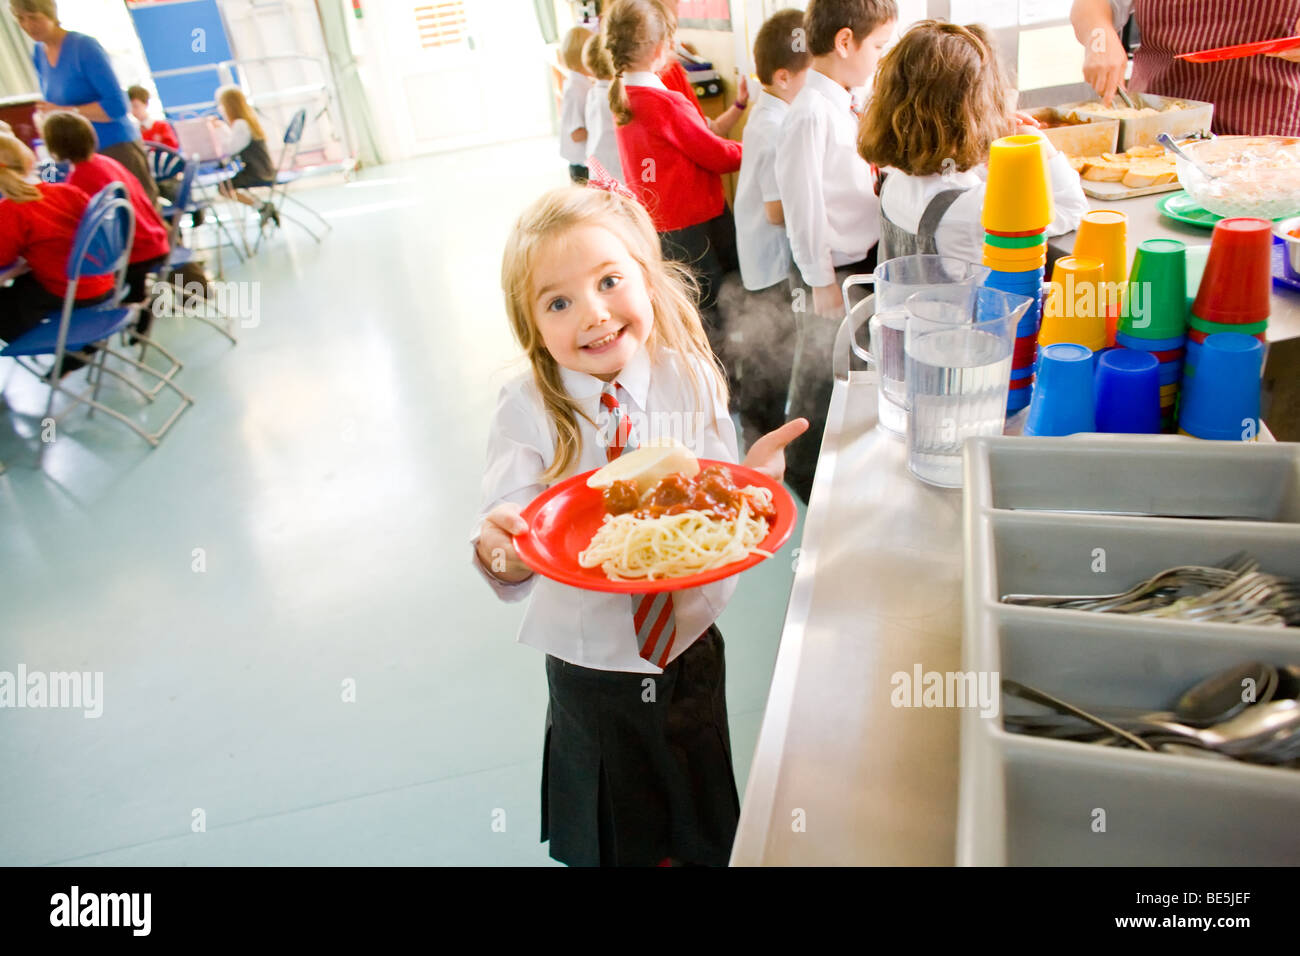 Scuola cena presso la scuola primaria regno unito Immagini Stock